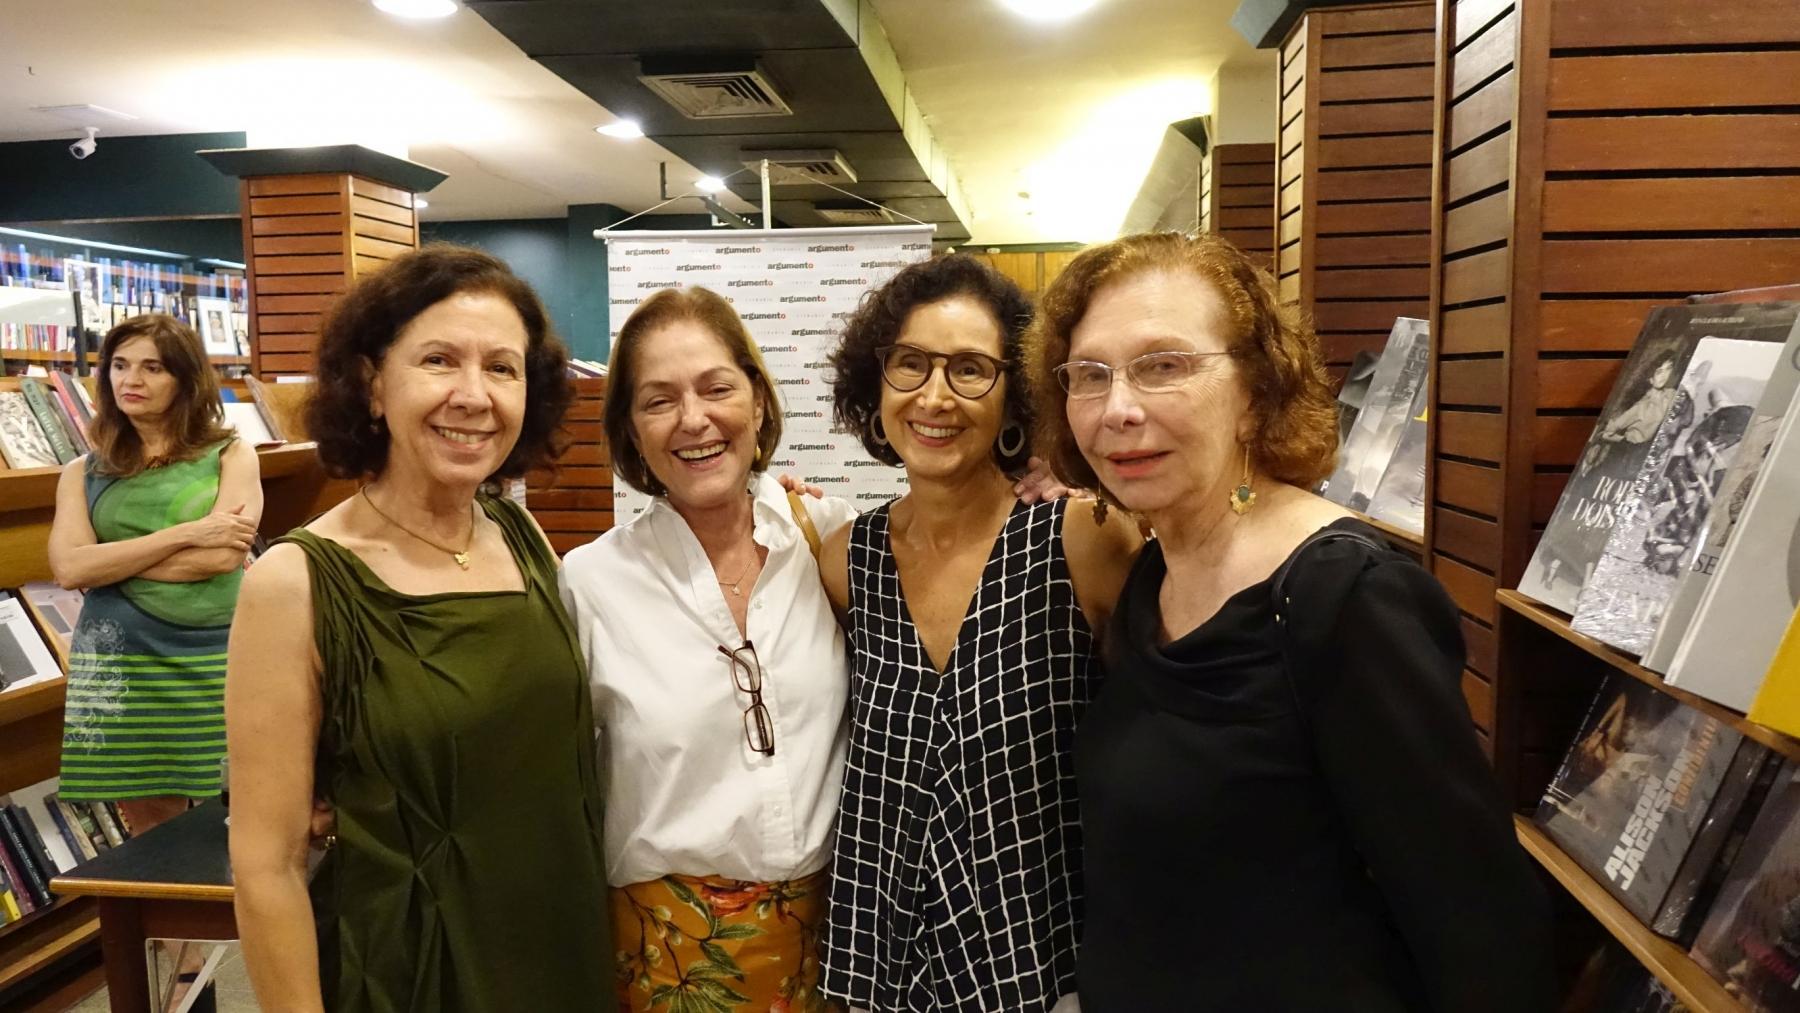 Ana Muglia, Analu Nabuco, Valeria Costa Pinto e Lia do Rio